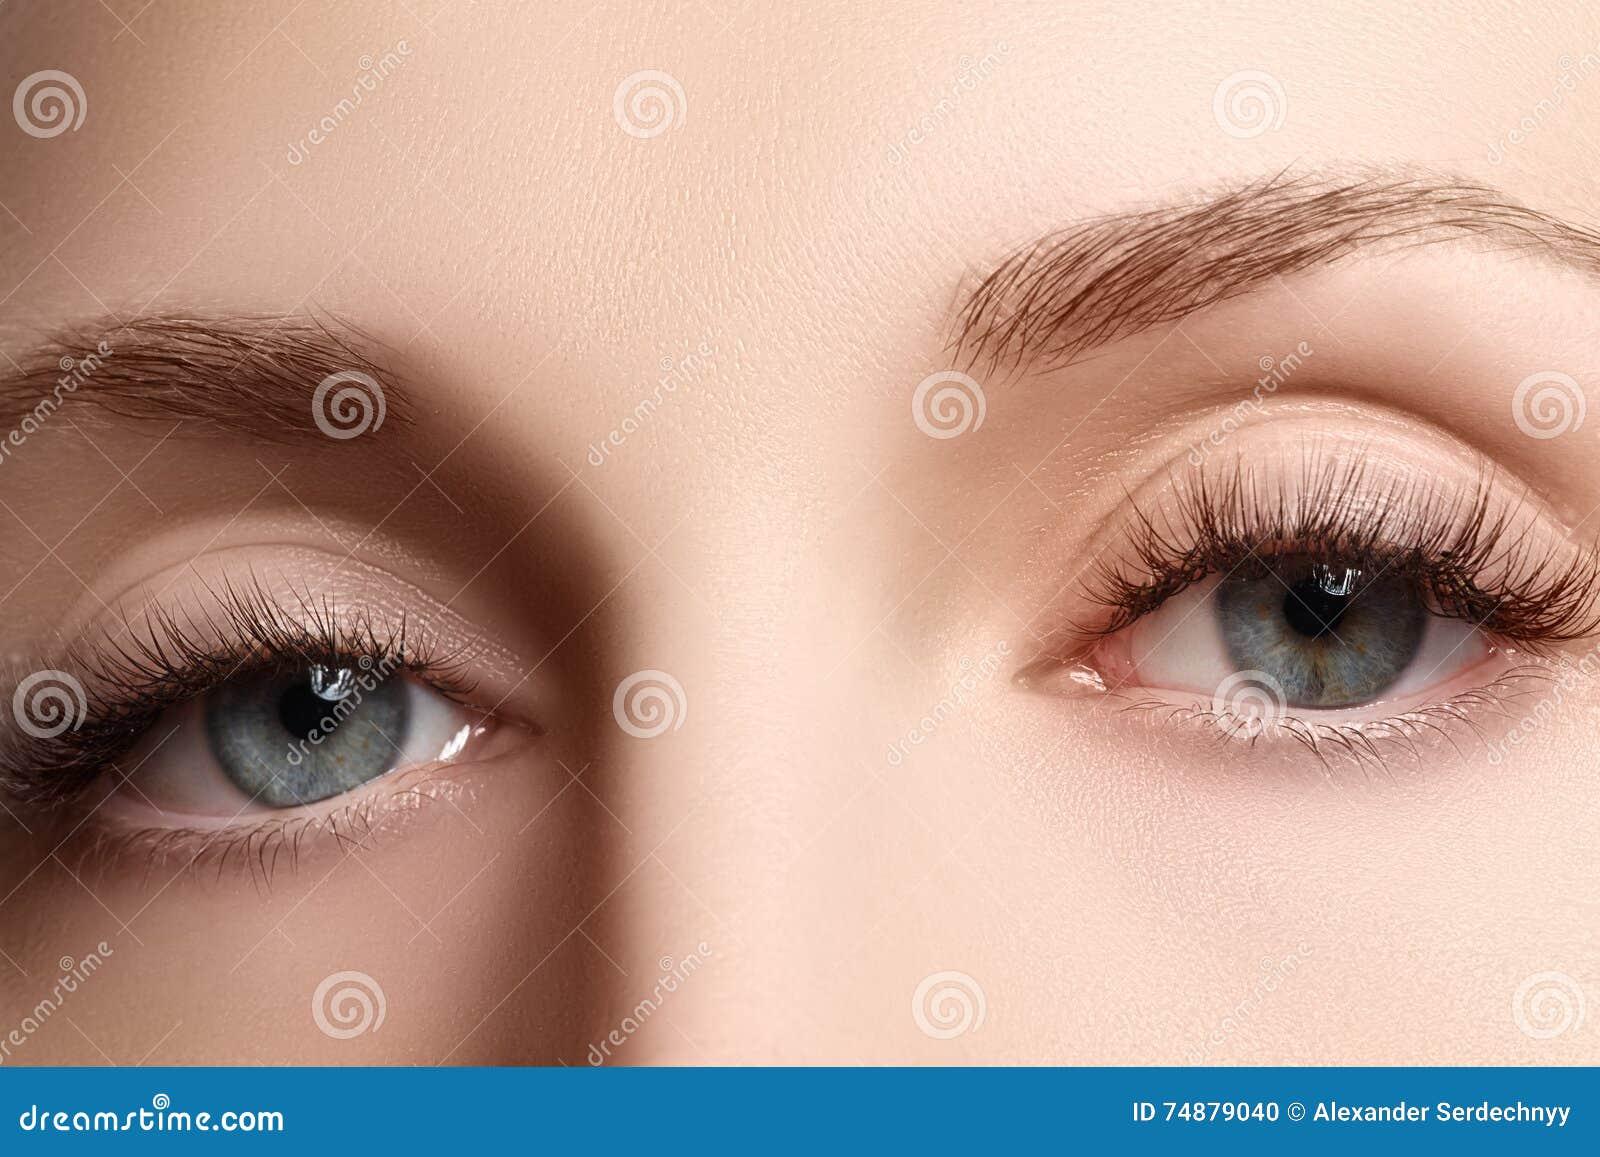 Macro shot of woman`s beautiful eye with extremely long eyelashe